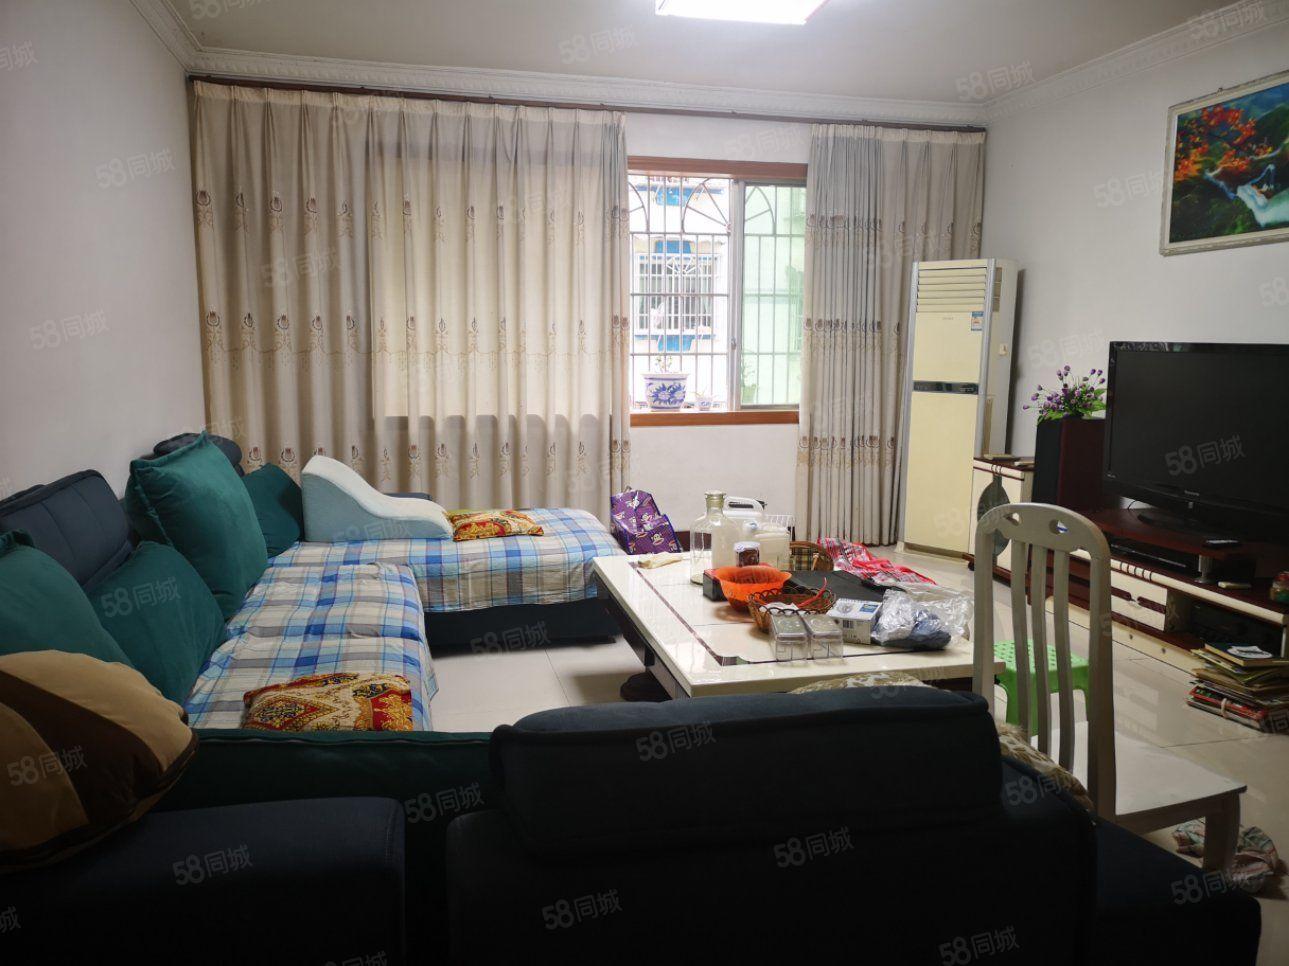 文化步行街2600元/月140平米4室2厅2卫0阳台普通南北